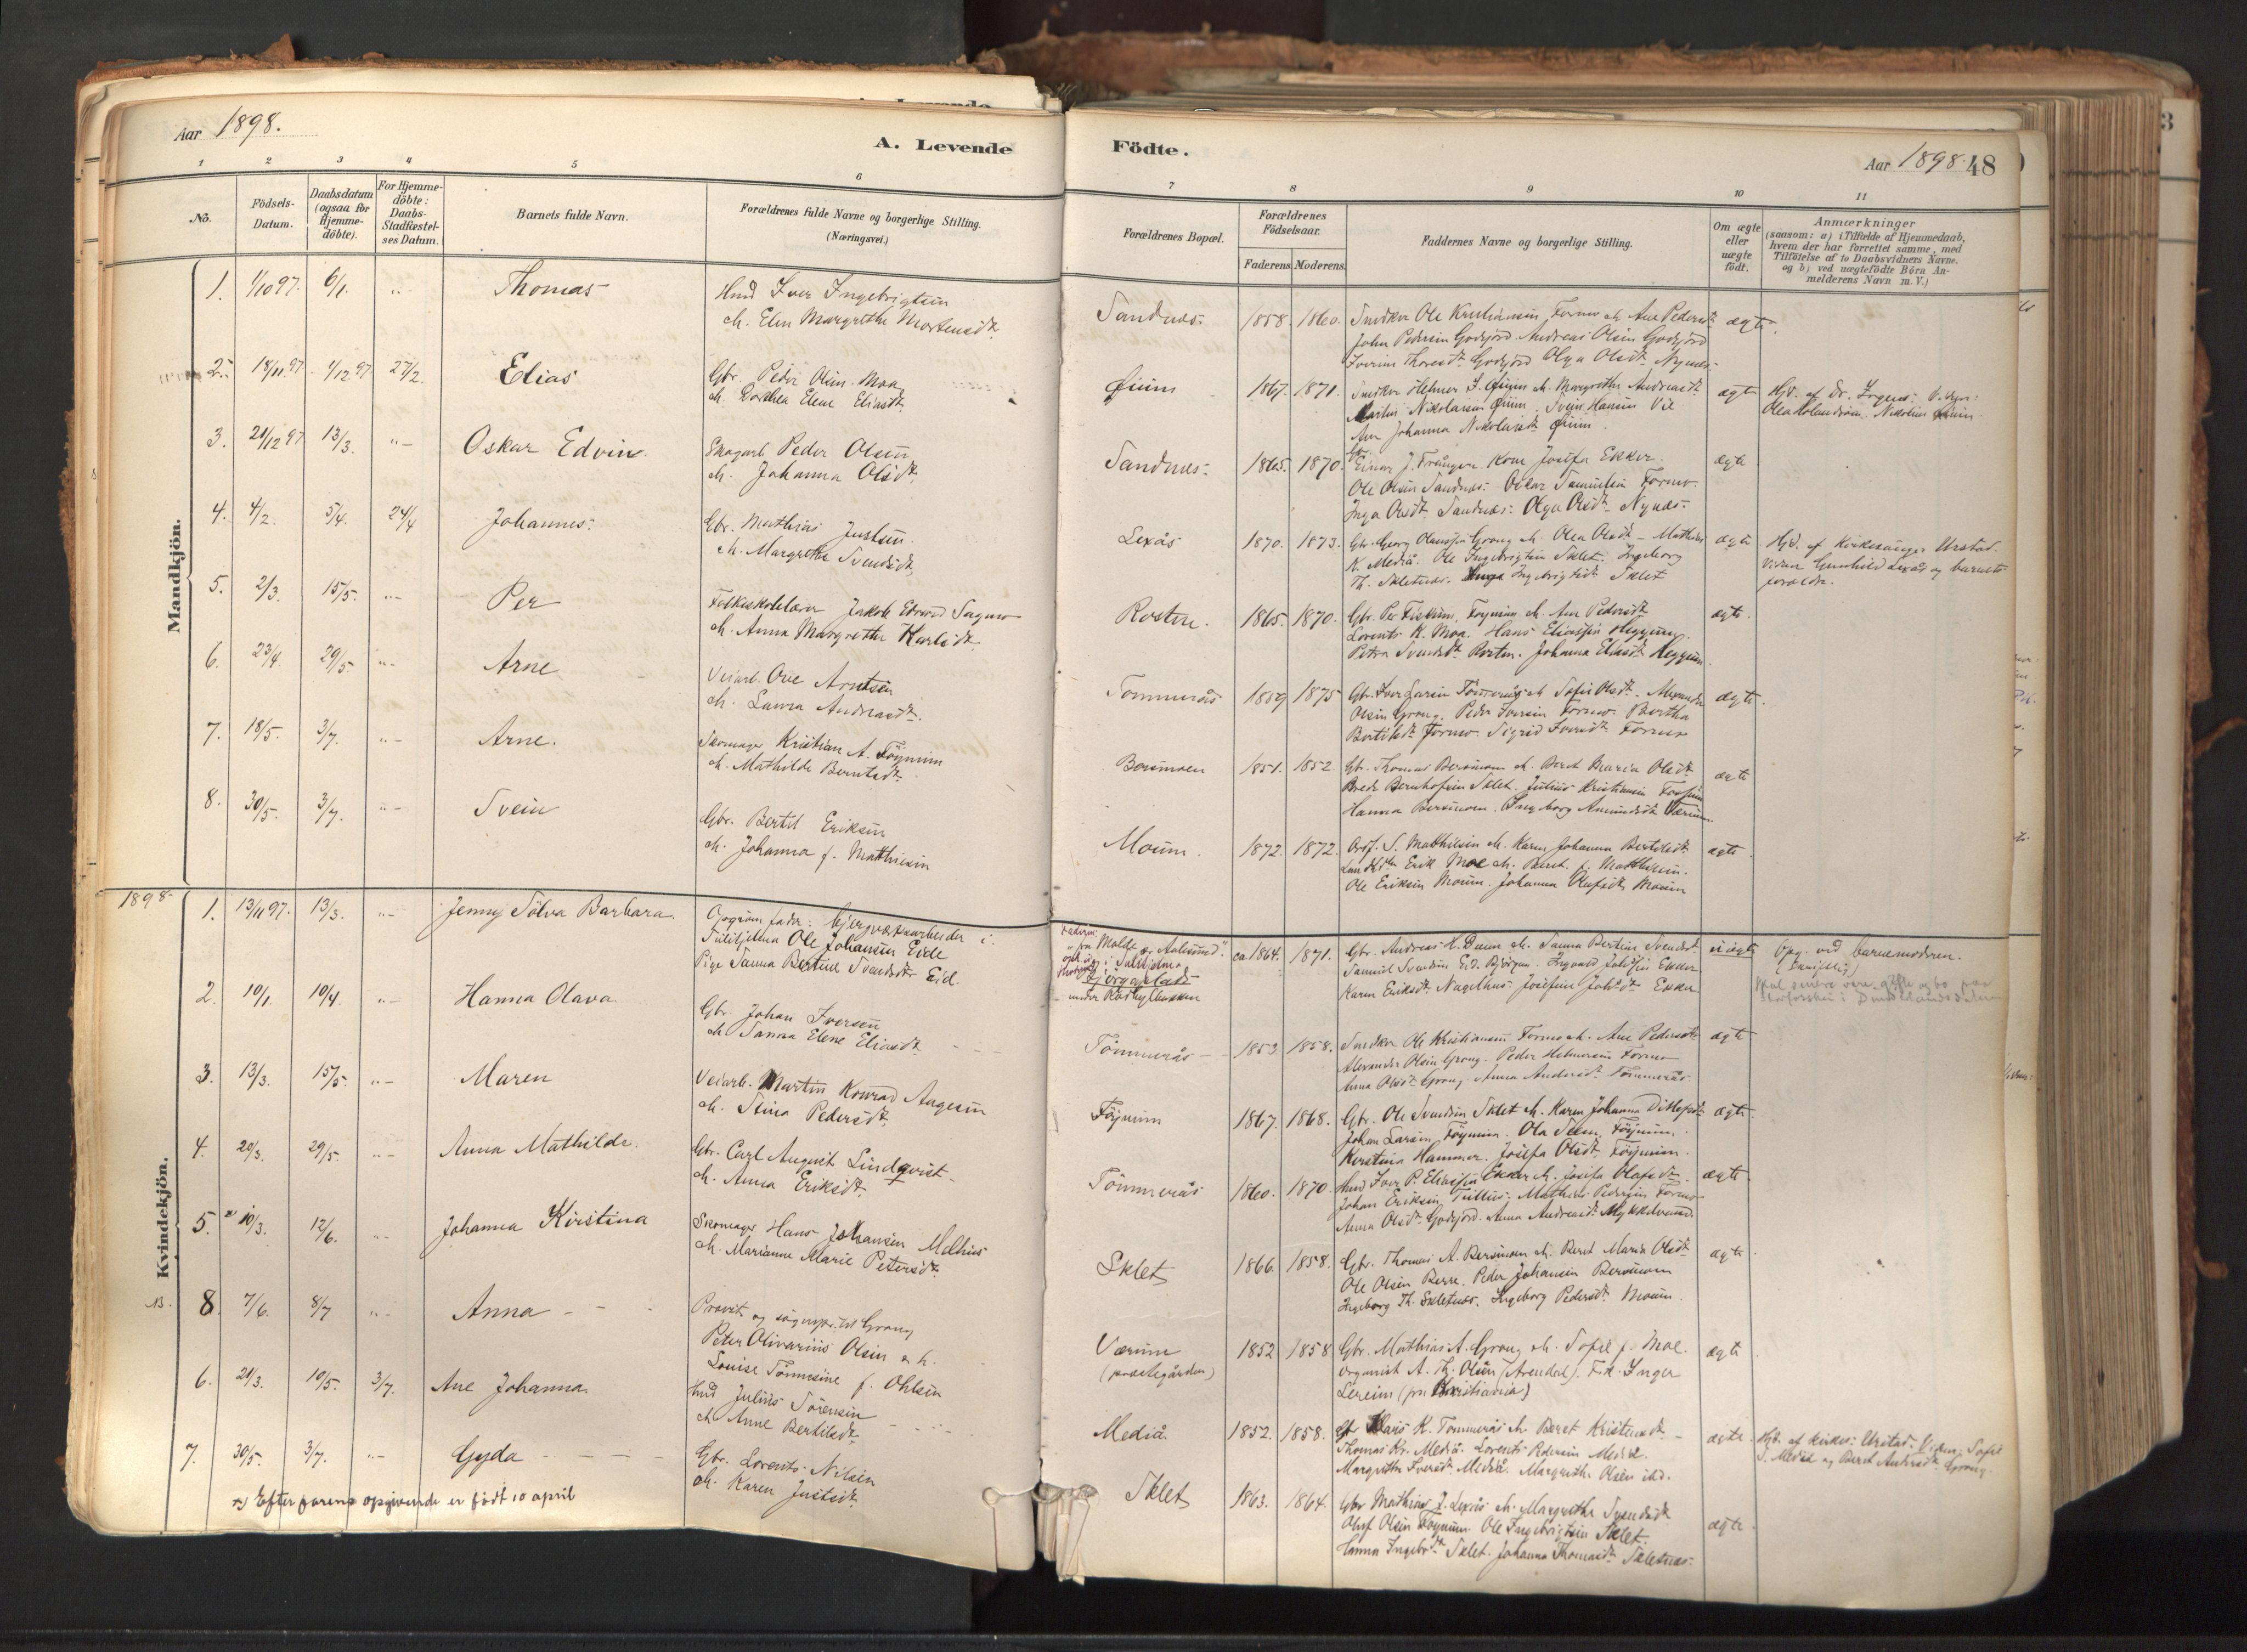 SAT, Ministerialprotokoller, klokkerbøker og fødselsregistre - Nord-Trøndelag, 758/L0519: Ministerialbok nr. 758A04, 1880-1926, s. 48